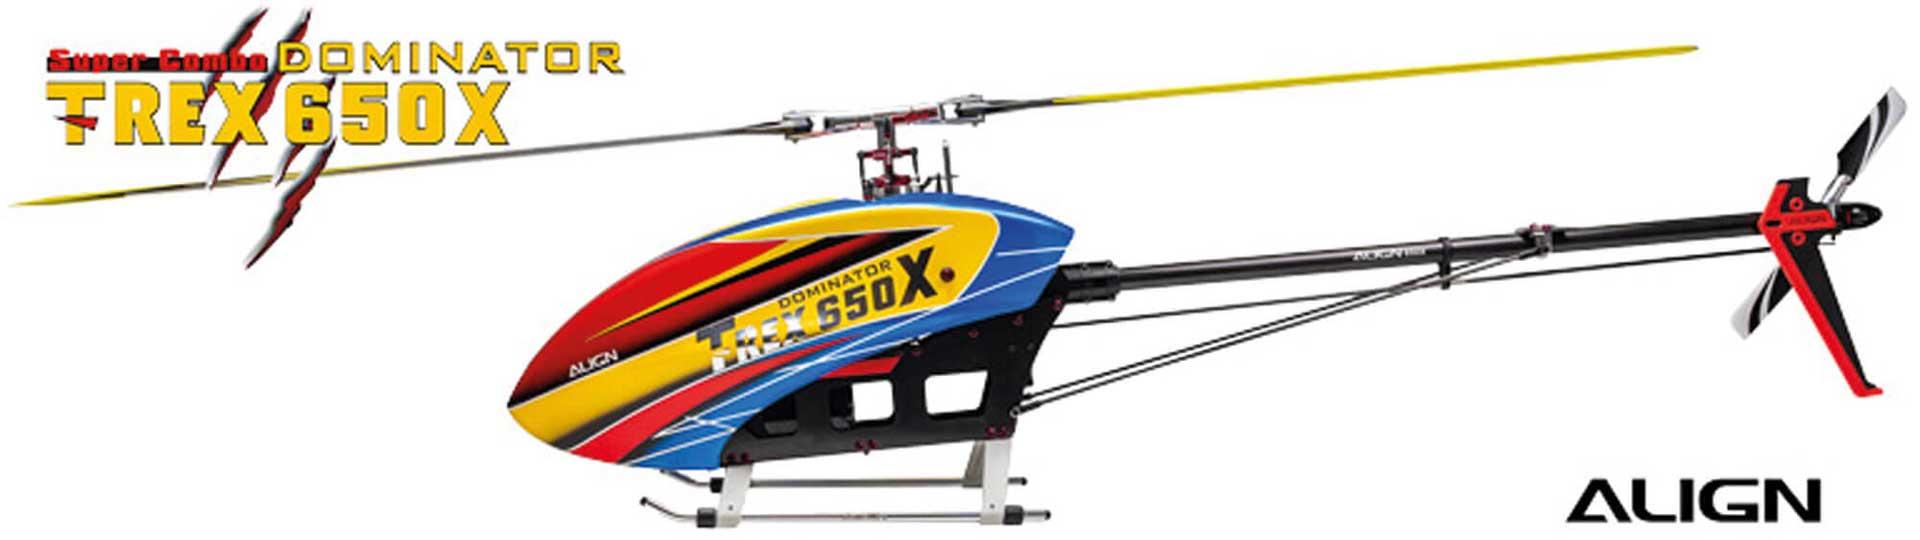 ALIGN T-REX 650X Dominator Super Combo (6S) Hubschrauber / Helikopter